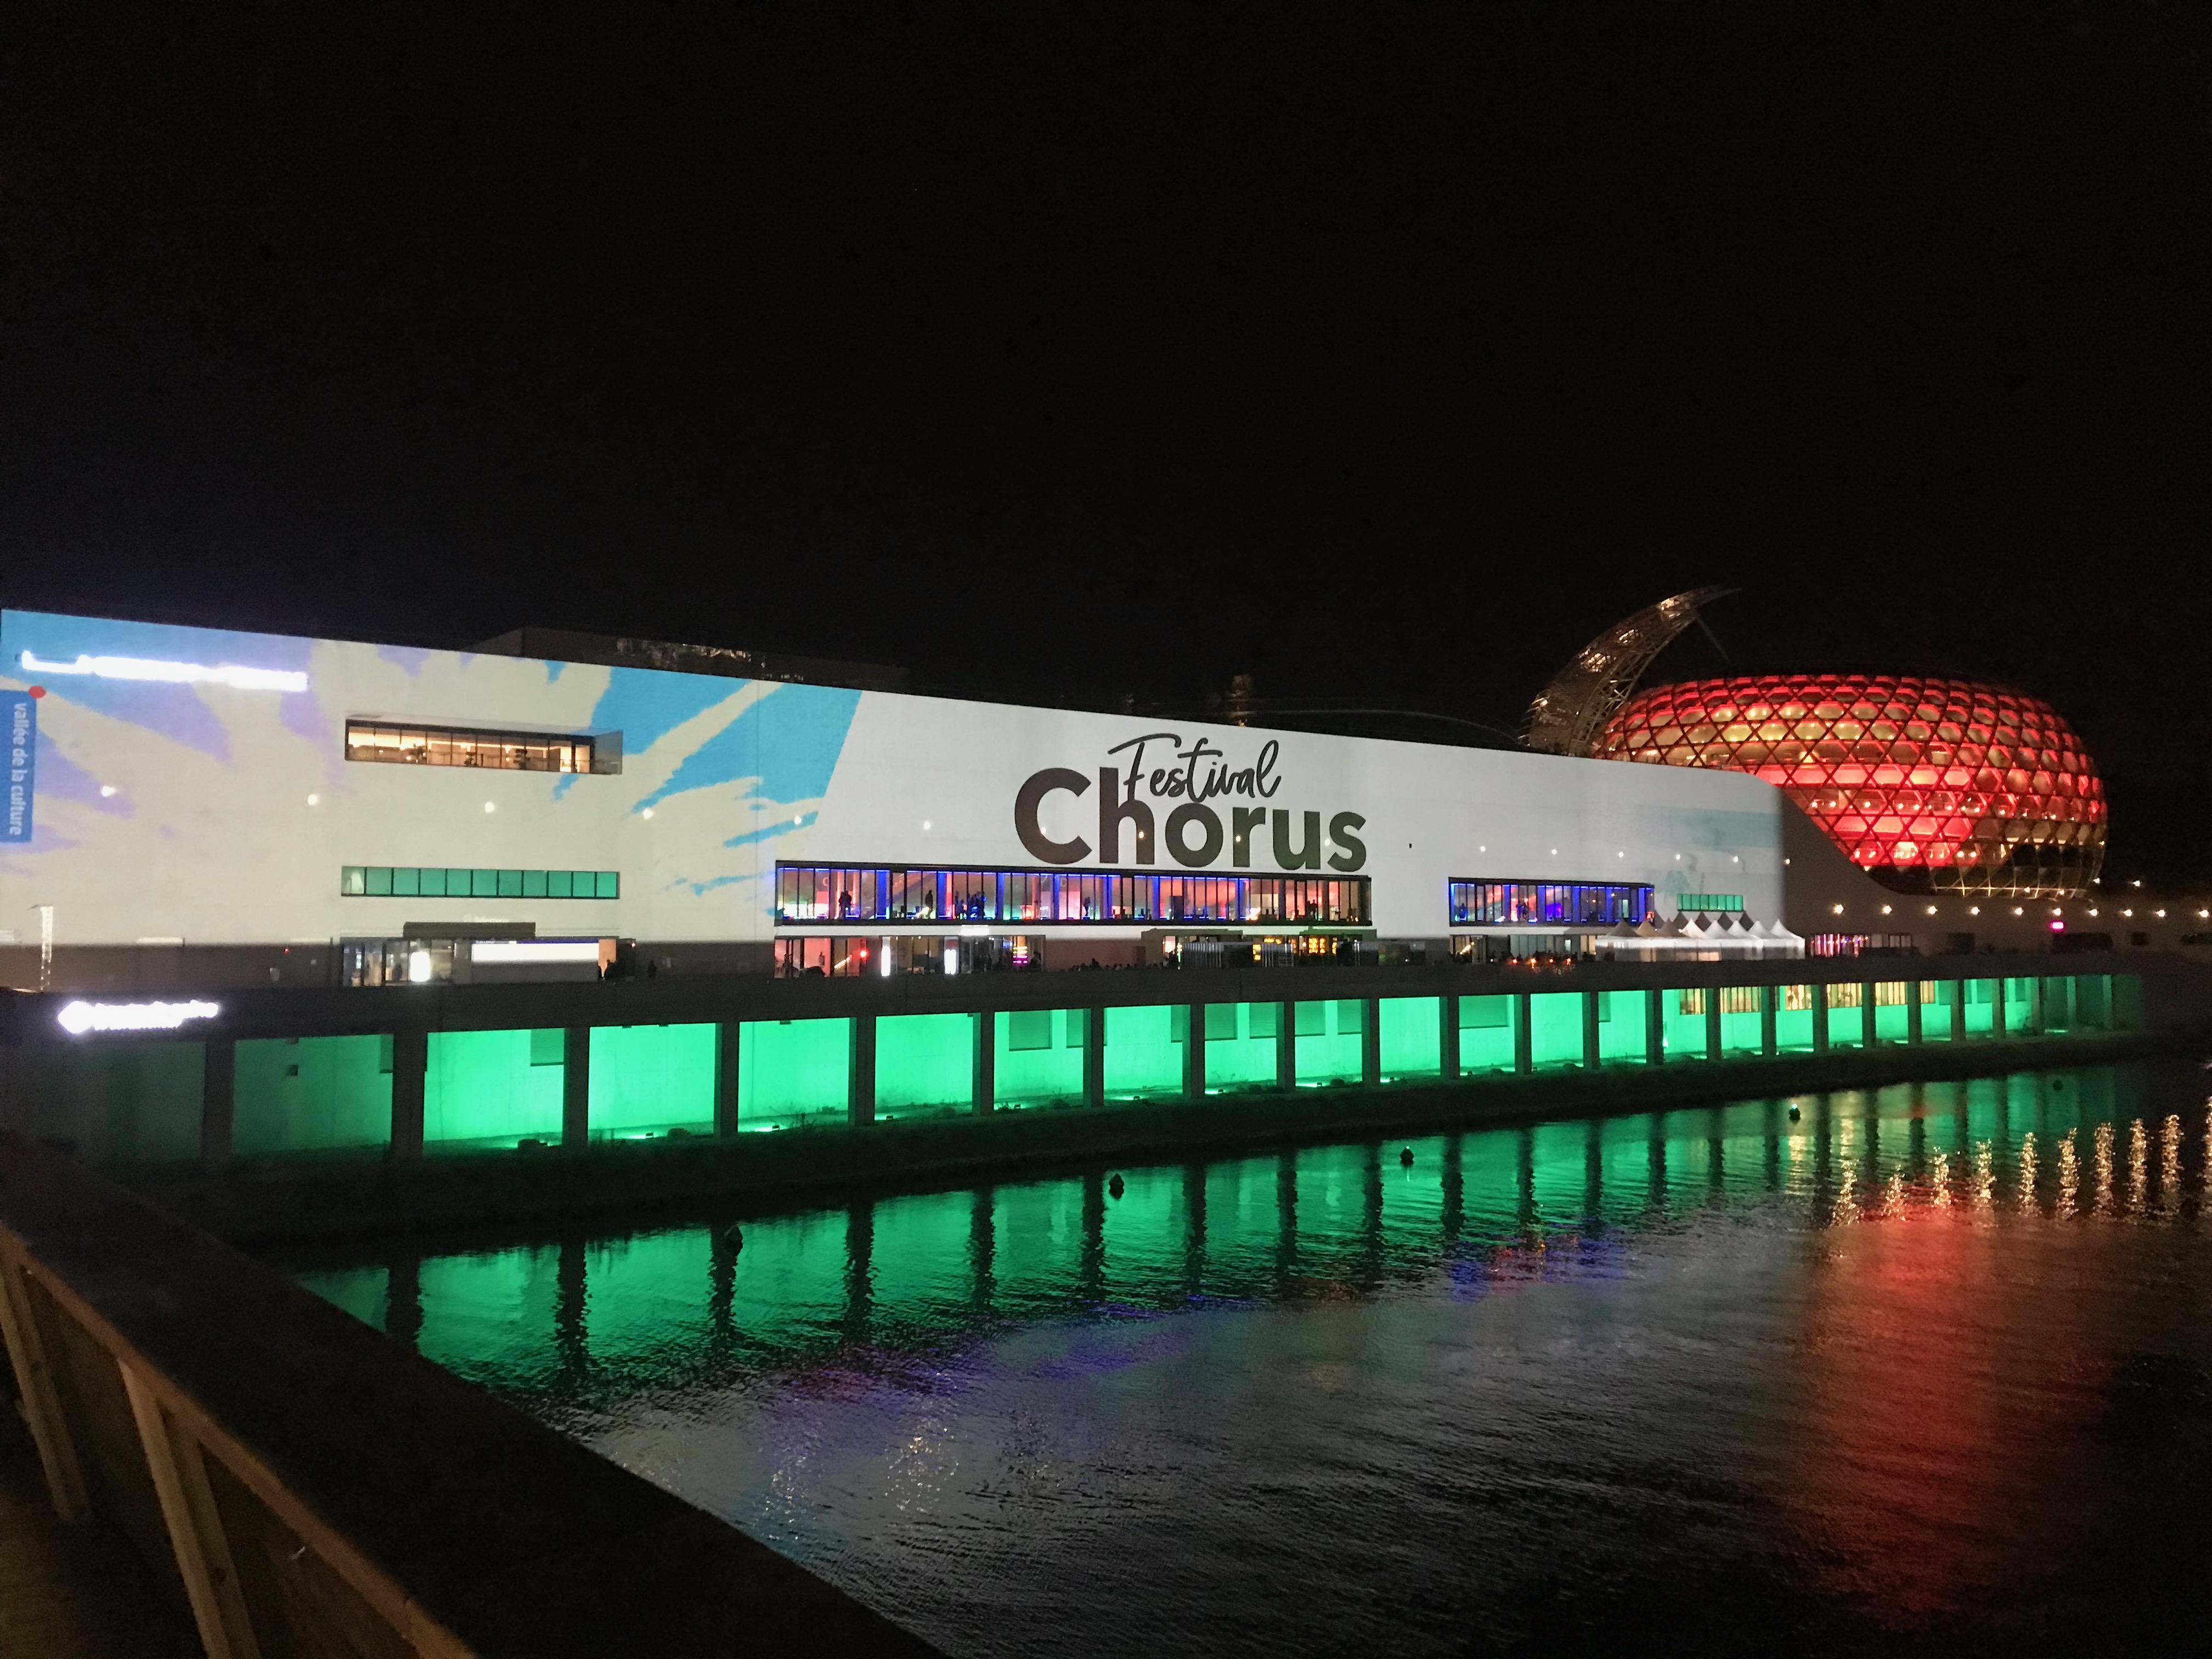 Merci la Seine Musicale et le Festival Chorus. Rdv l'année prochaine